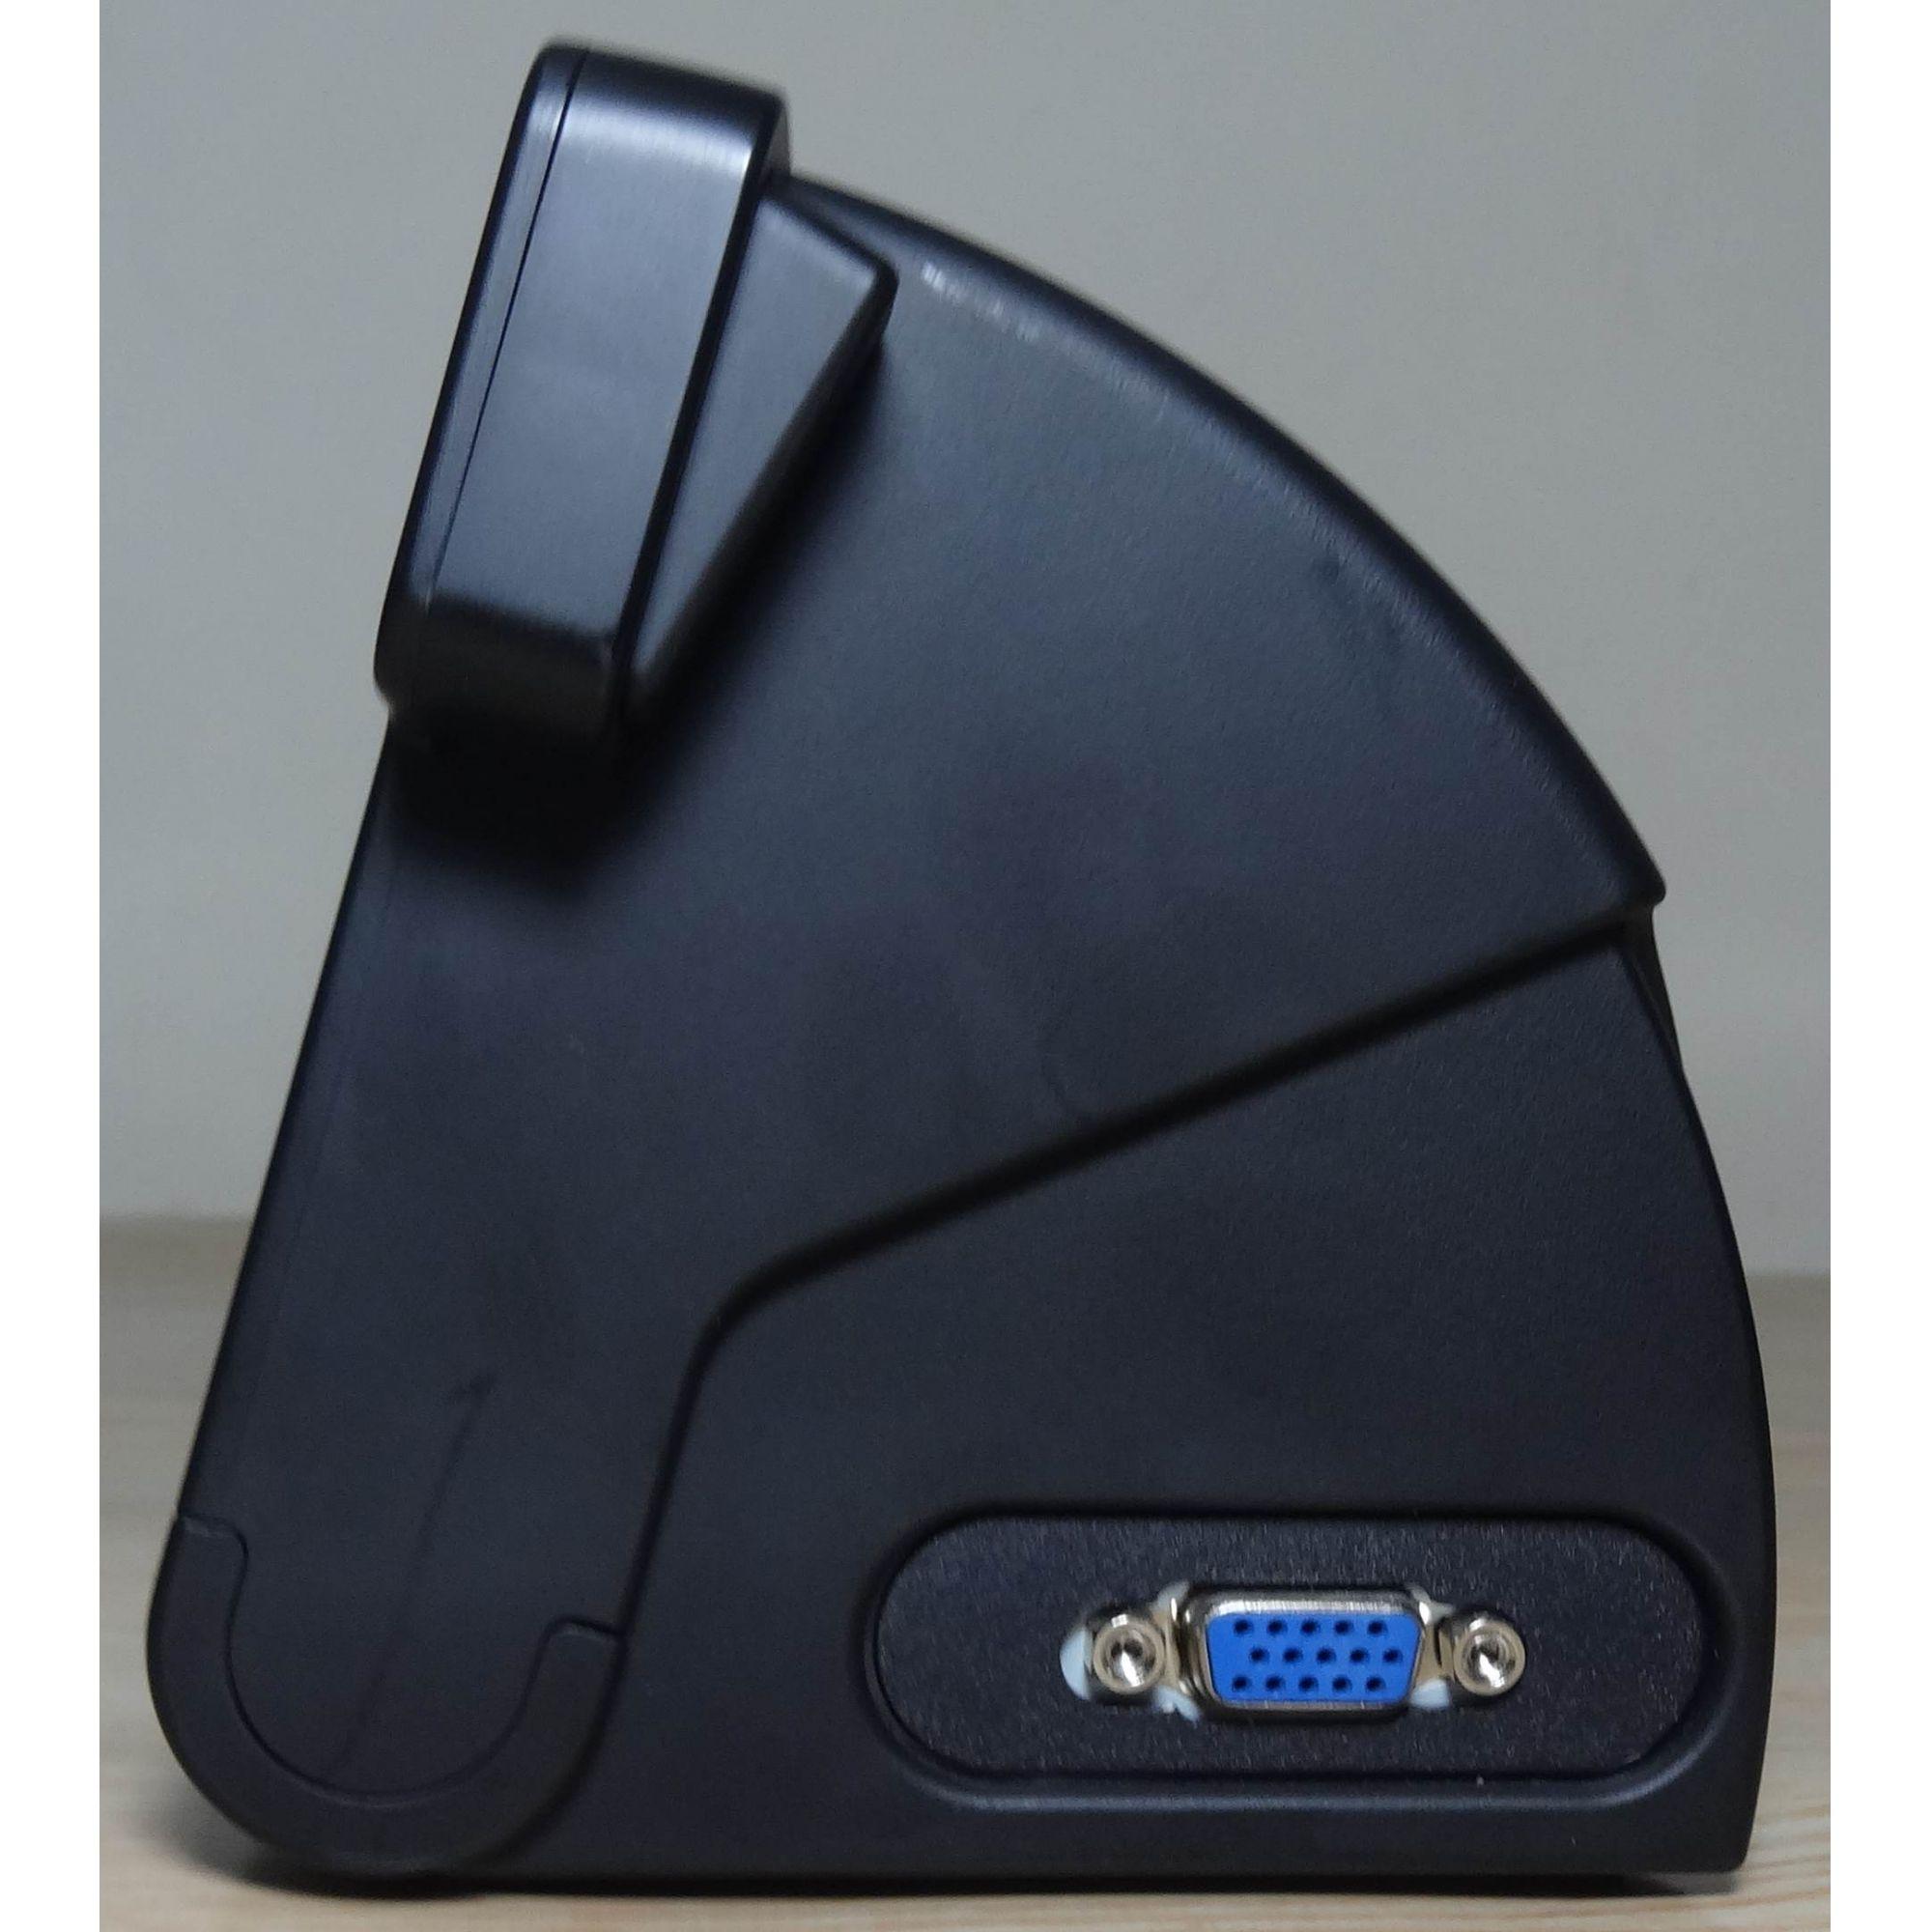 Docking Station para tablet Motion Rugged MC-F5 (Não Enviamos)